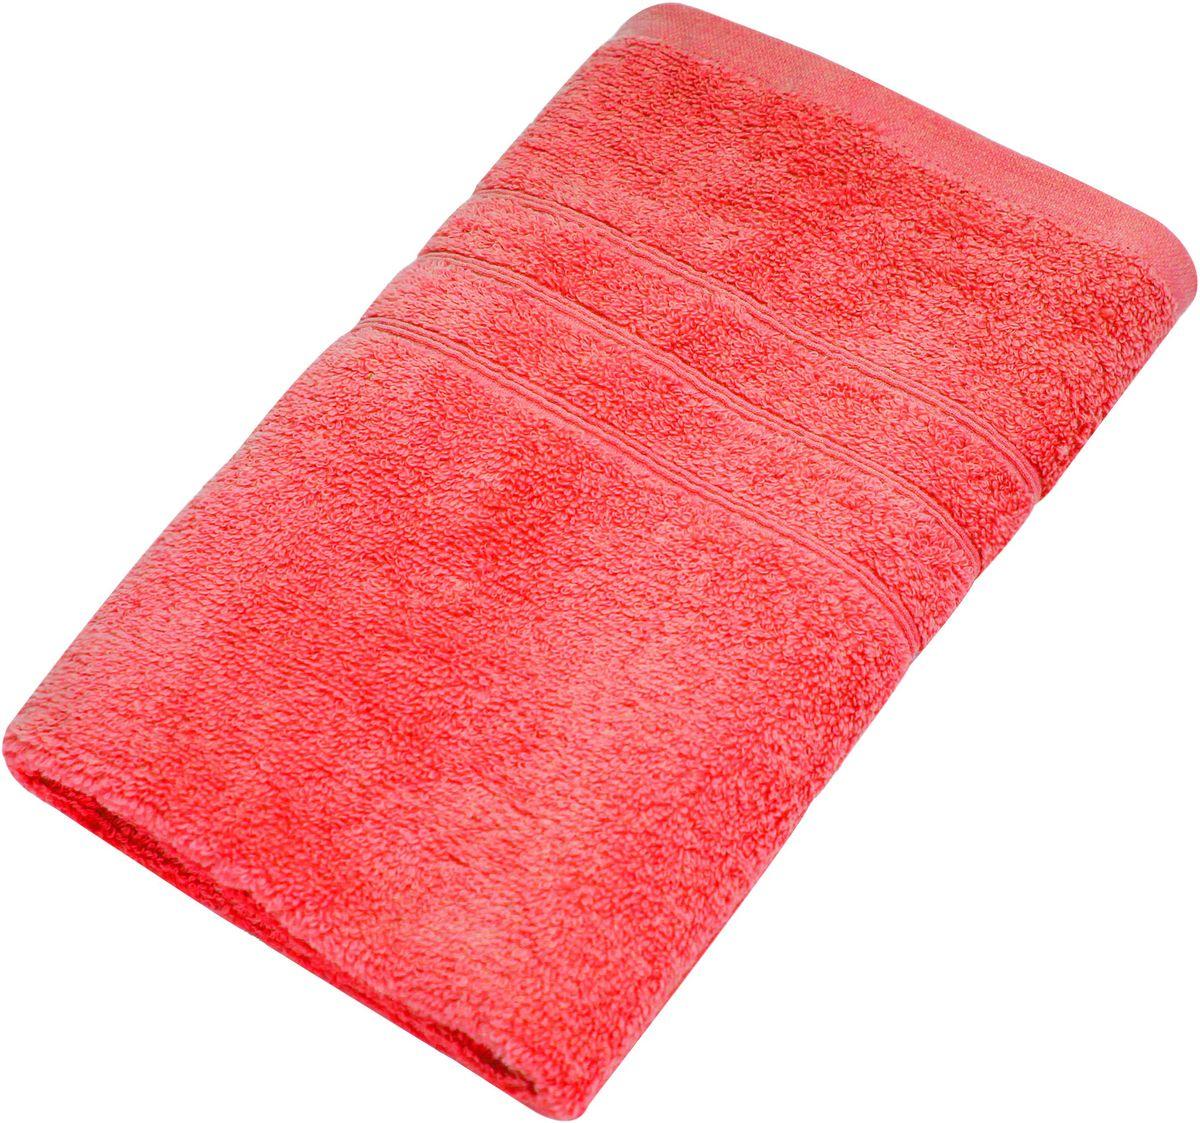 Полотенце Proffi Home Модерн, цвет: красный, 50 x 100 смU210DFМягкое махровое полотенцеProffi Home Модерн отлично впитывает влагу и быстро сохнет, приятно в него завернуться после принятия ванны или посещения сауны. Поэтому данное махровое полотенце можно использовать в качестве душевого, банного или пляжного полотенца. Состав: 100% хлопок.